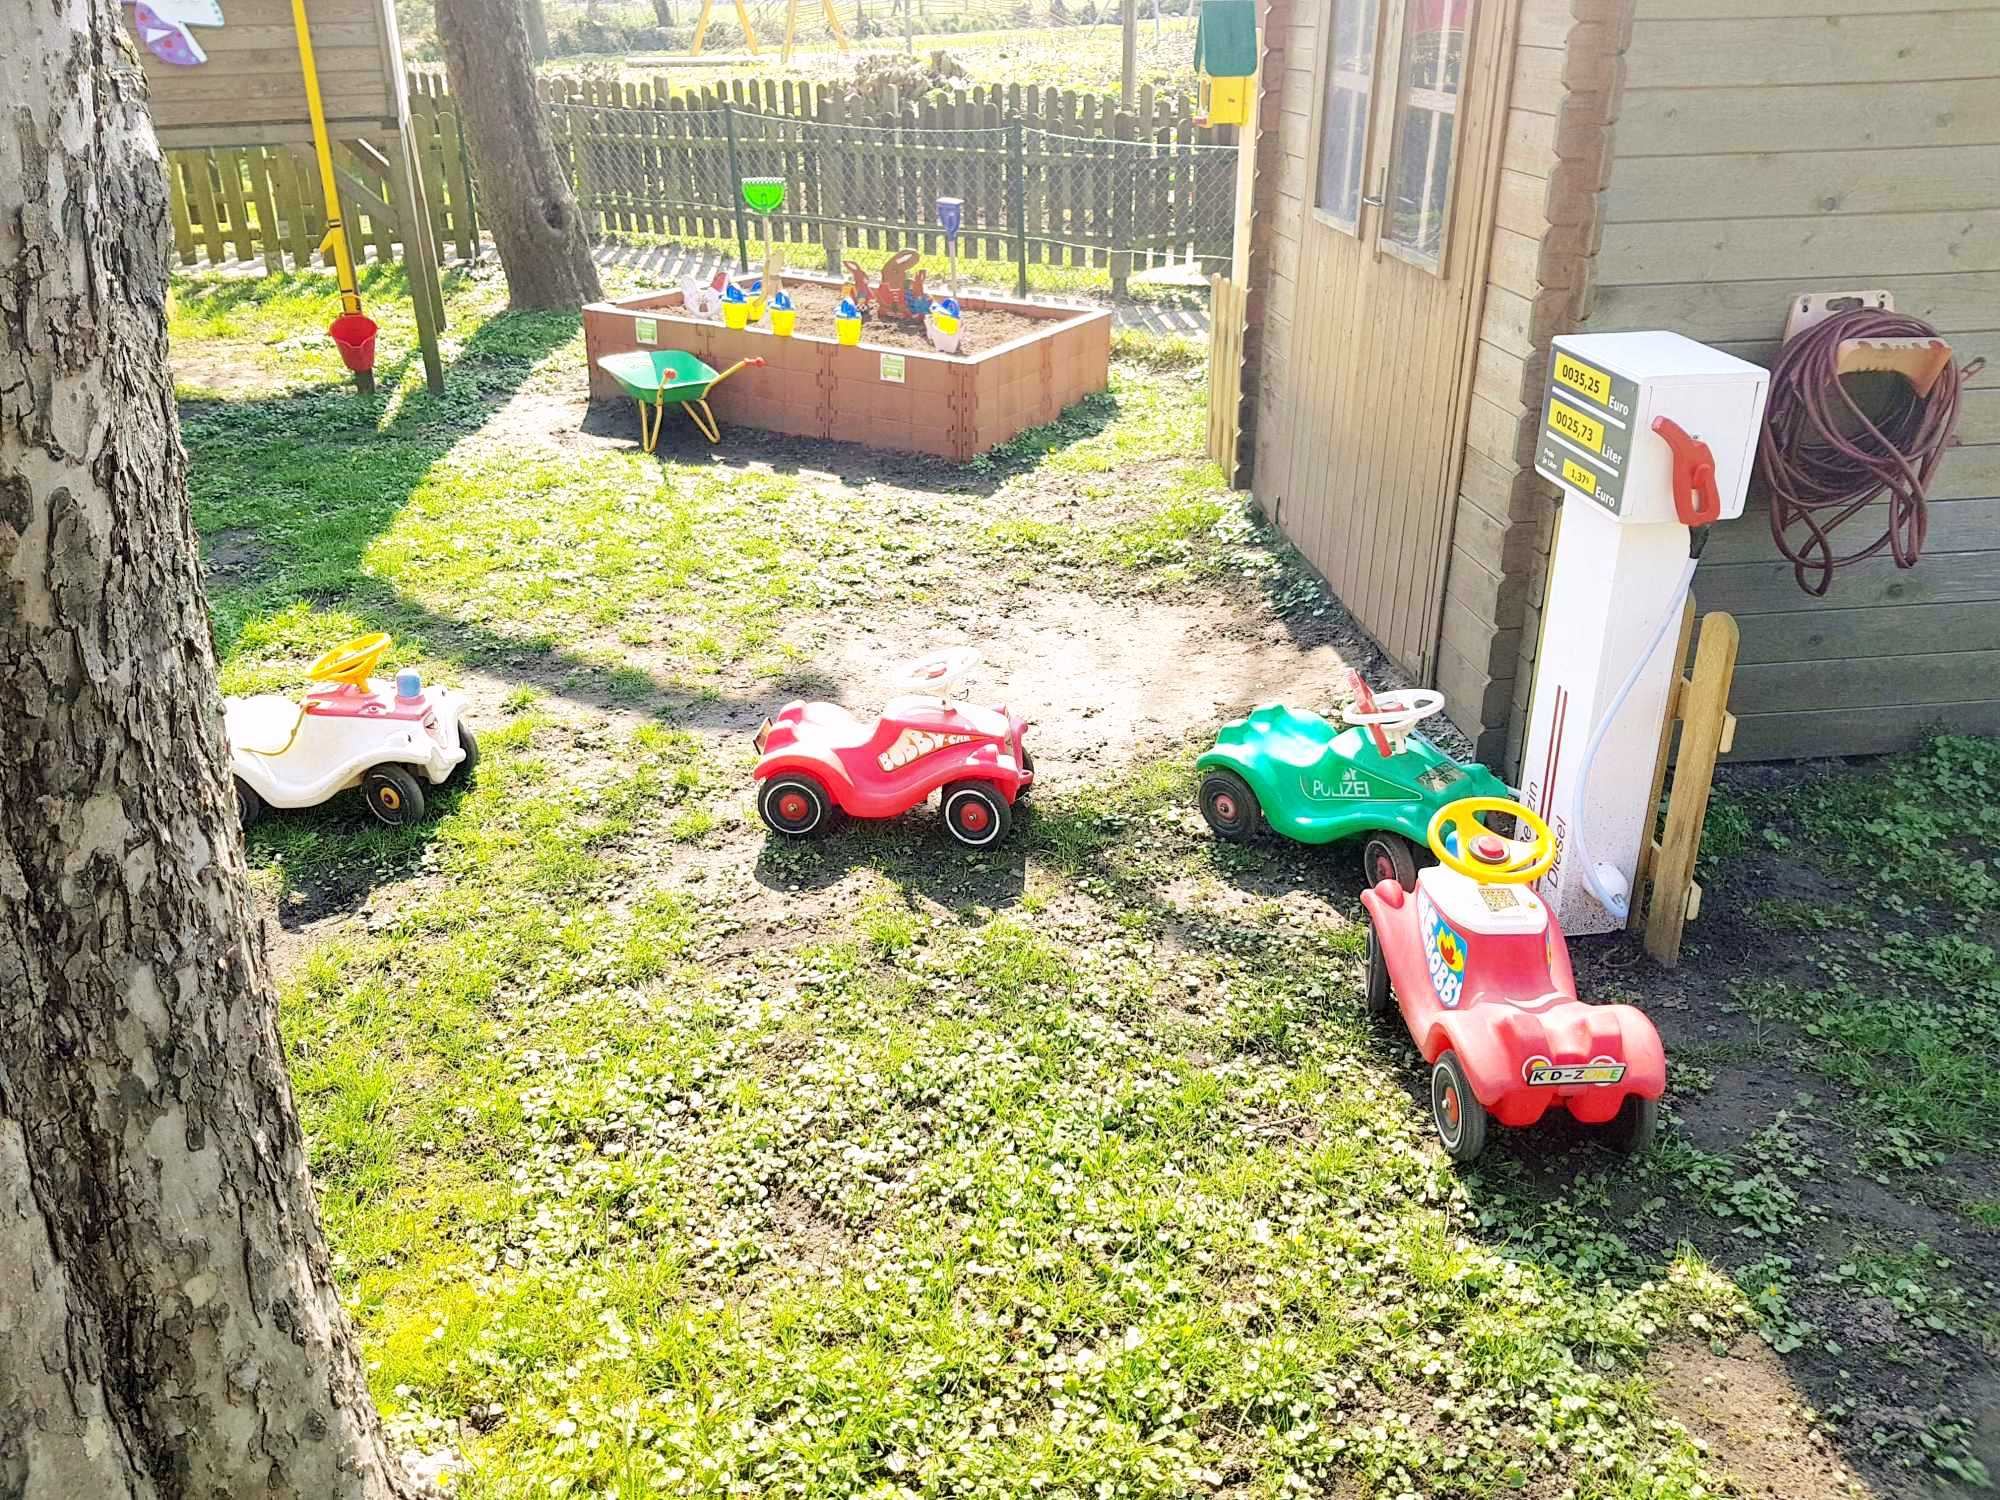 Kita Kid Zone Kinderbetreuung Garten 1 2 - Outdoor-Spielzeug